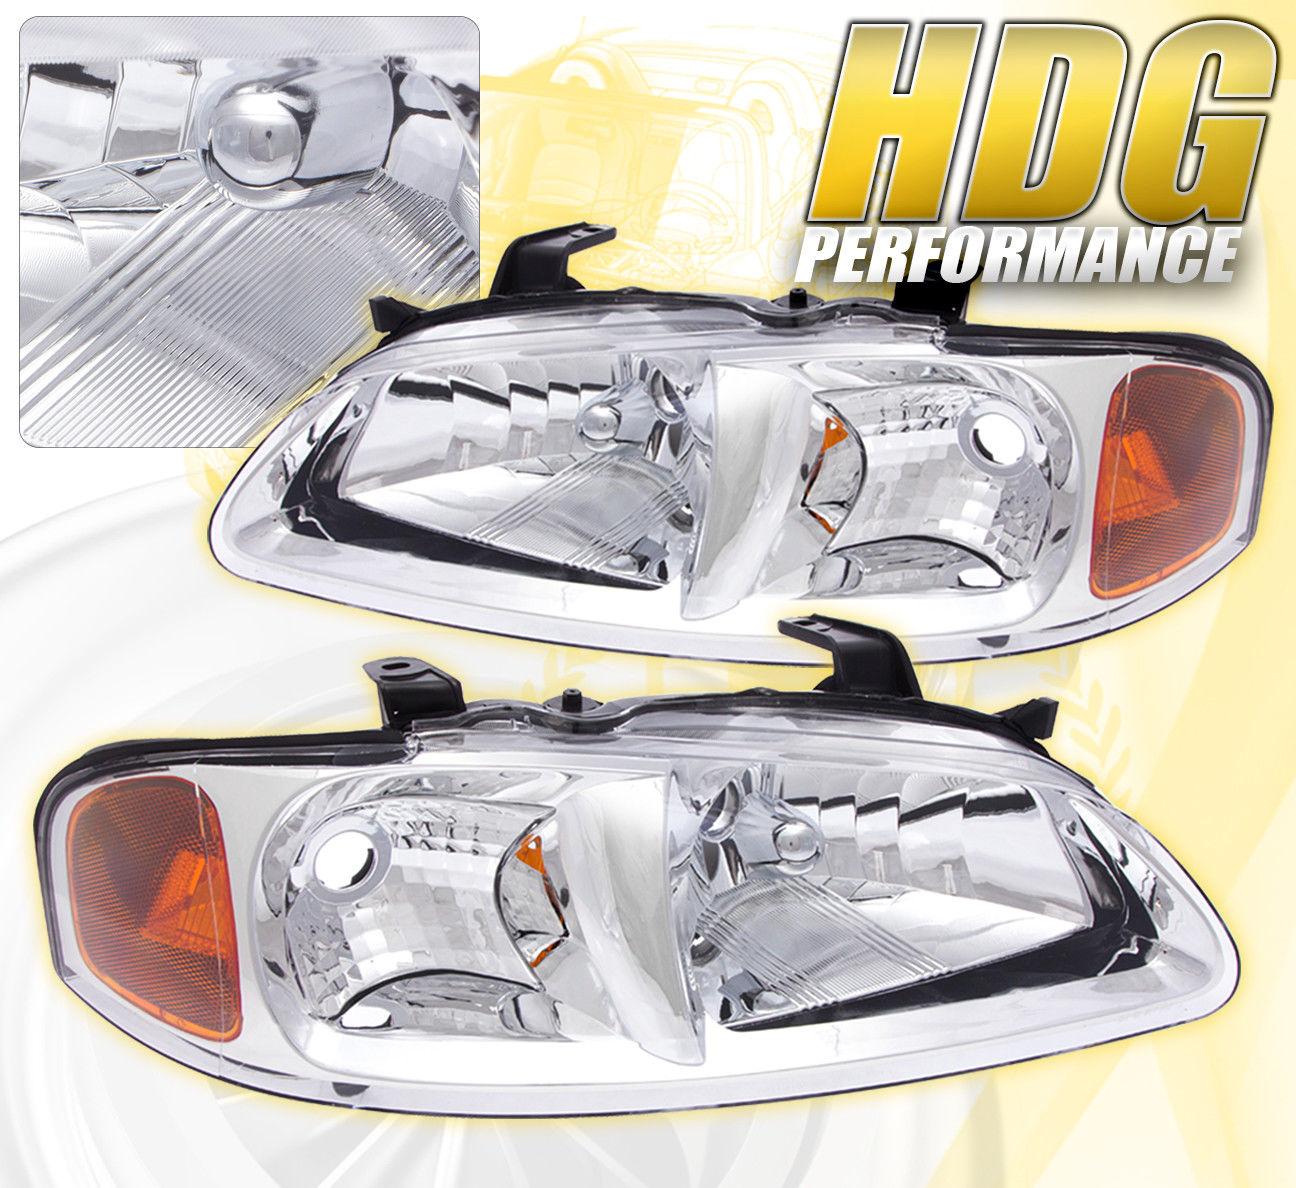 コーナーライト REPLACEMENT DRIVING HEAD LIGHTS LAMPS PAIR ASSEMBLY UNIT CLEAR FOR 00-03 SENTRA 交換用ヘッドライトランプのペア組立ユニットが00-03 SENTRAのためにクリアされています